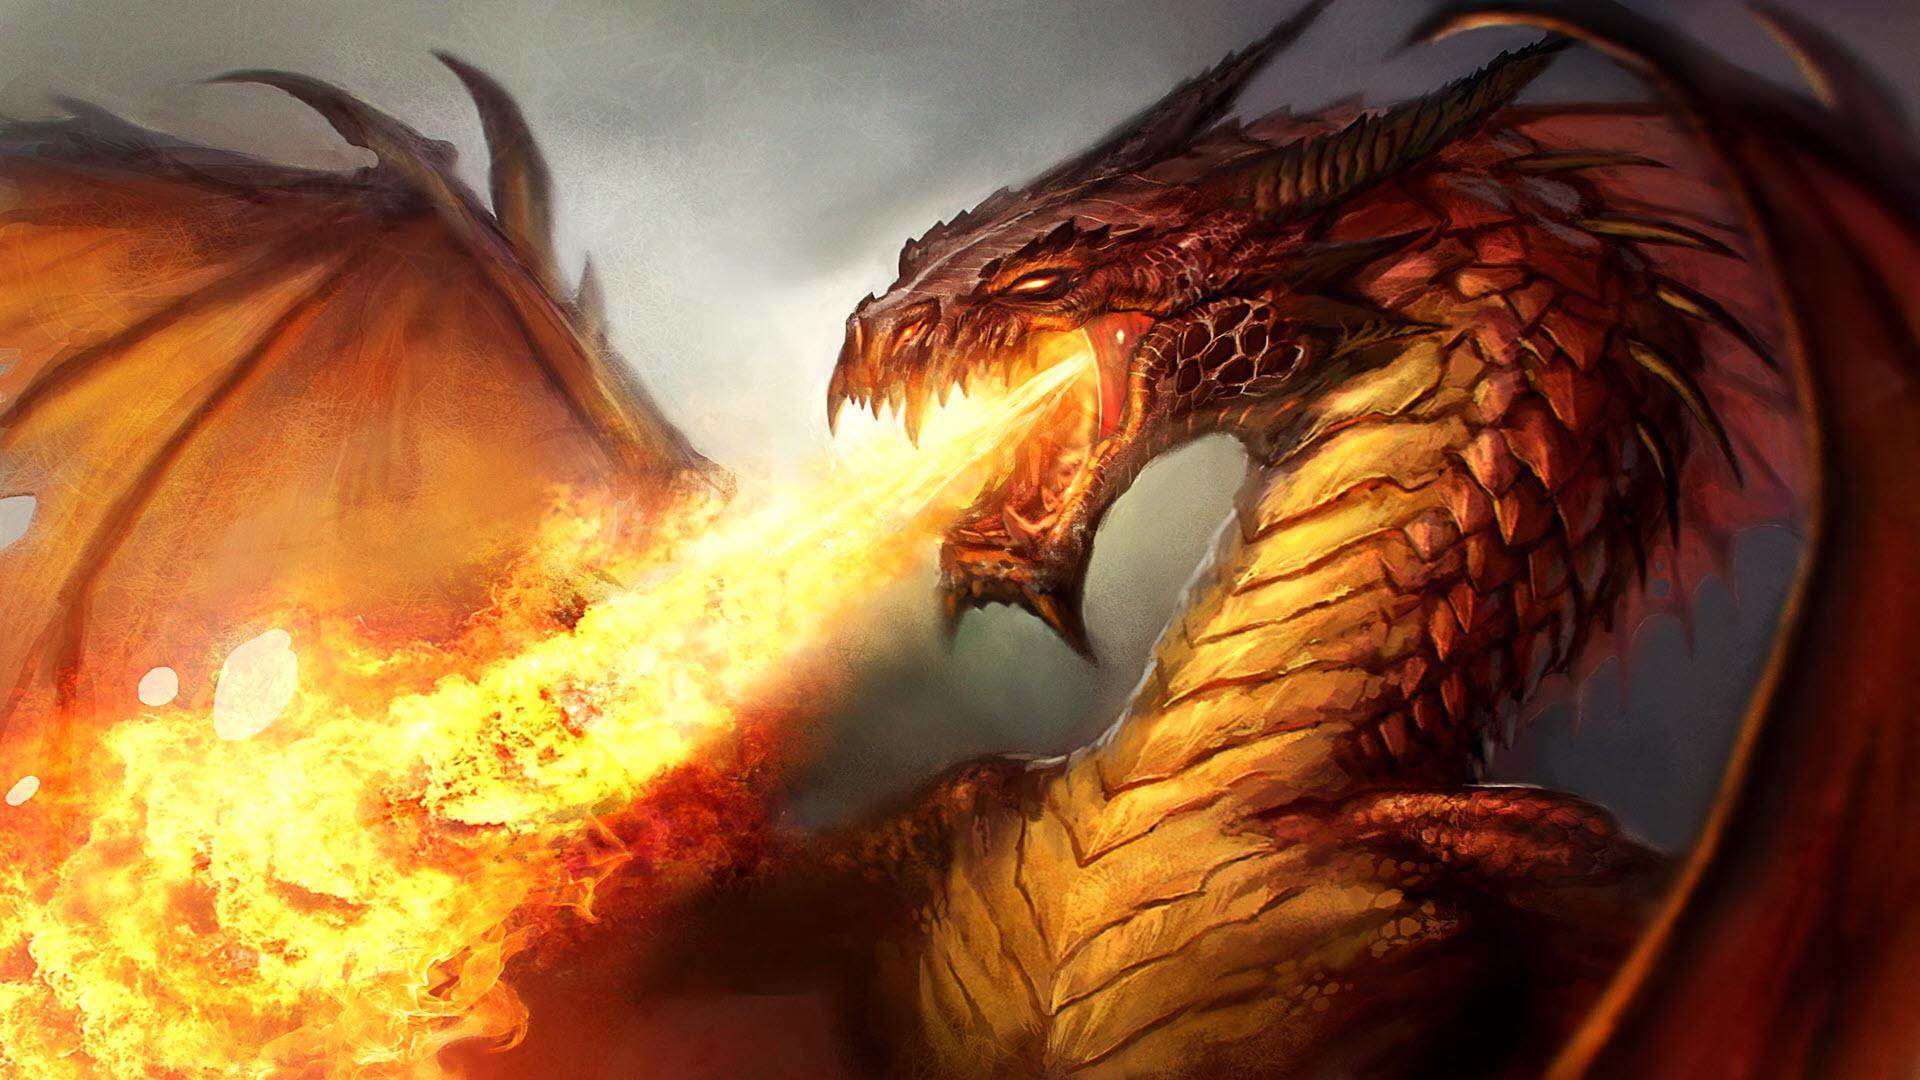 Hình nền rồng phun lửa đẹp